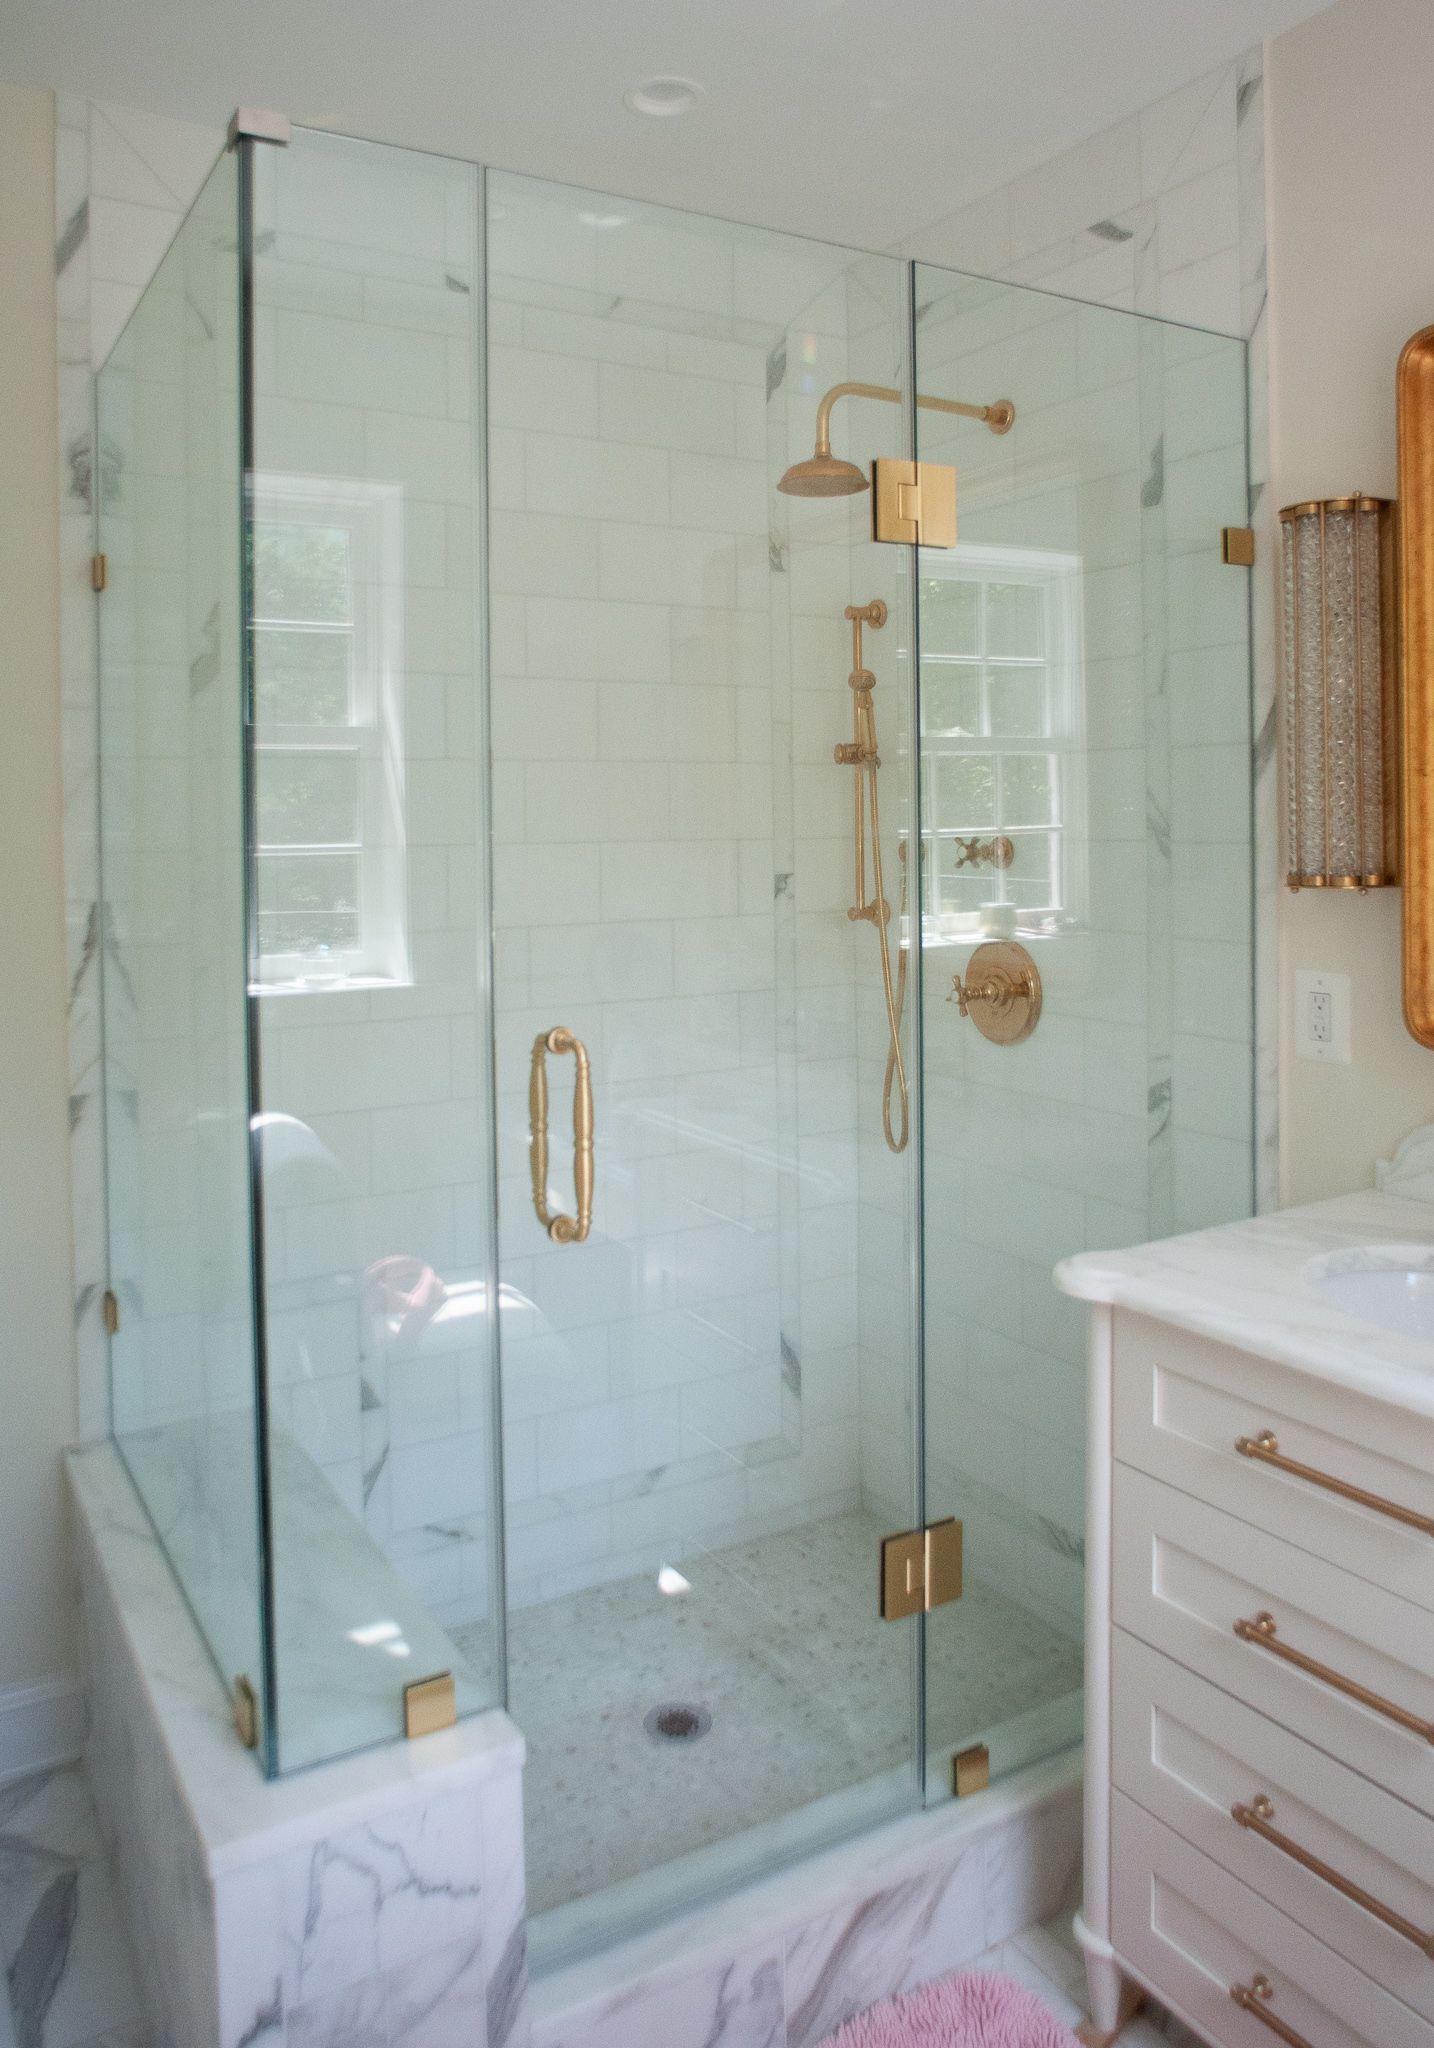 Frameless 90 Degree Glass Shower Enclosure Shower Enclosure Glass Shower Enclosures 90 Degree Glass Shower